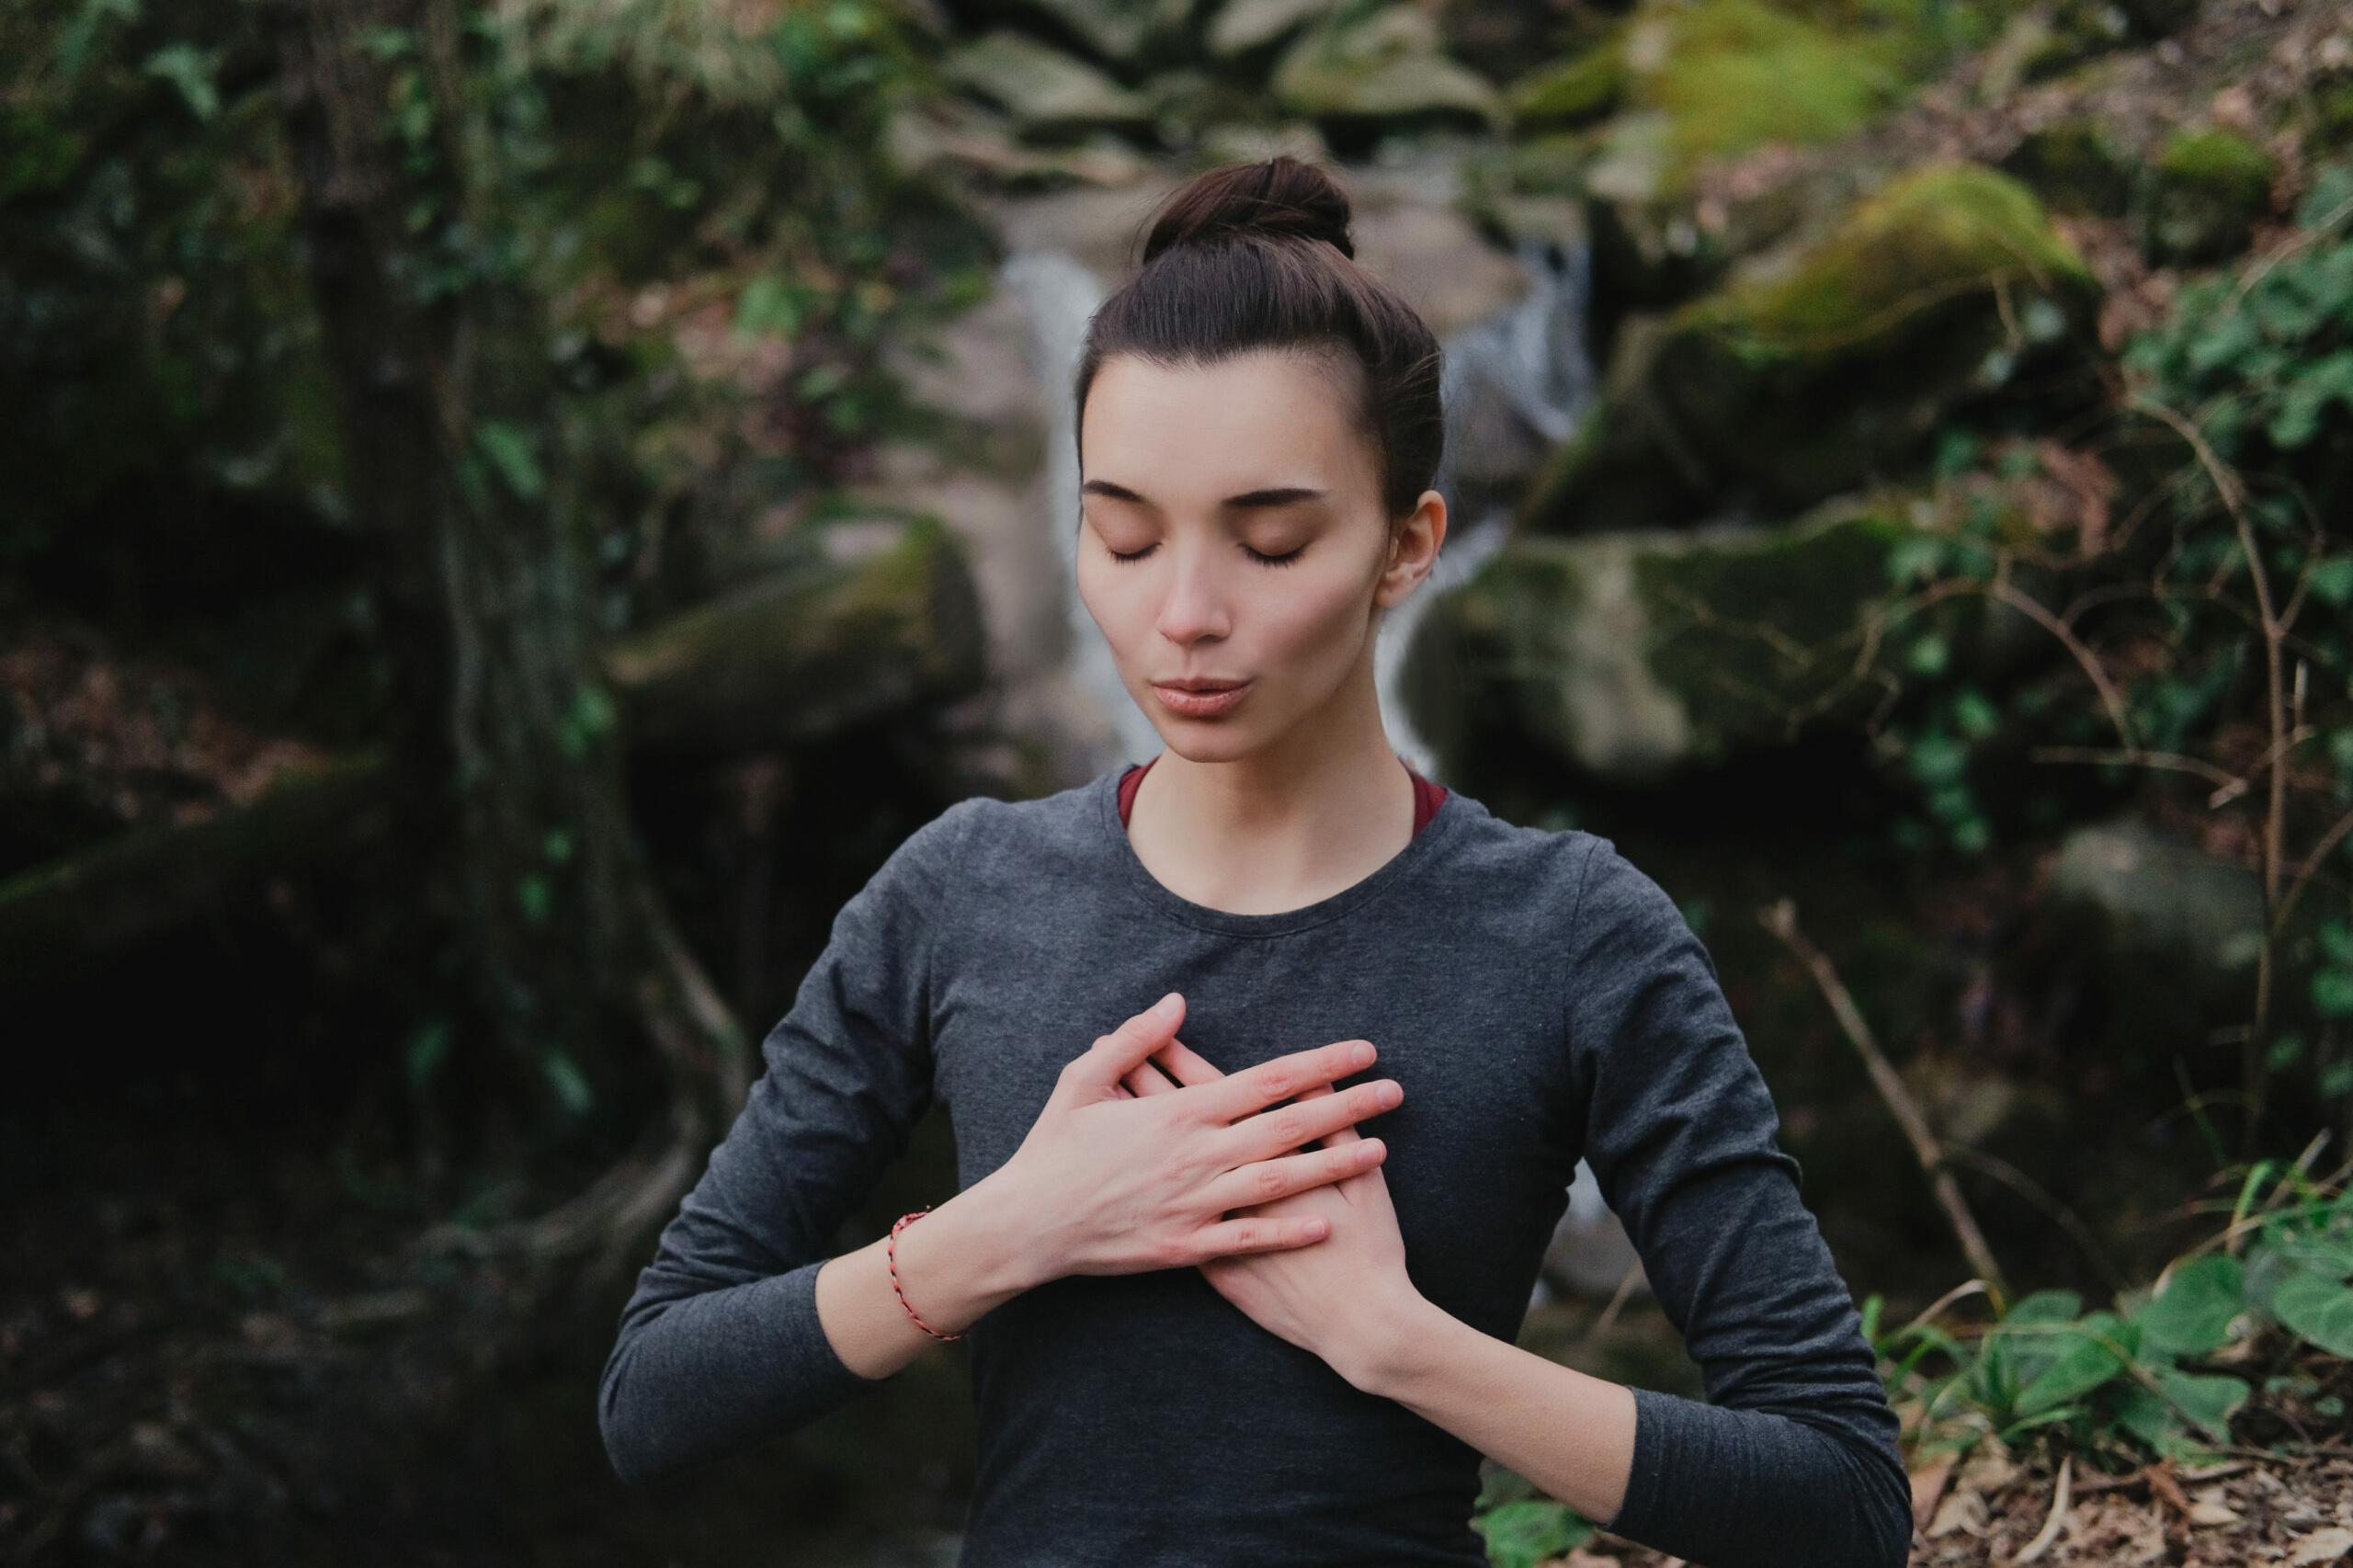 Richtig atmen: Junge Frau bei einer Atemübung vor einem Wasserfall im Wald